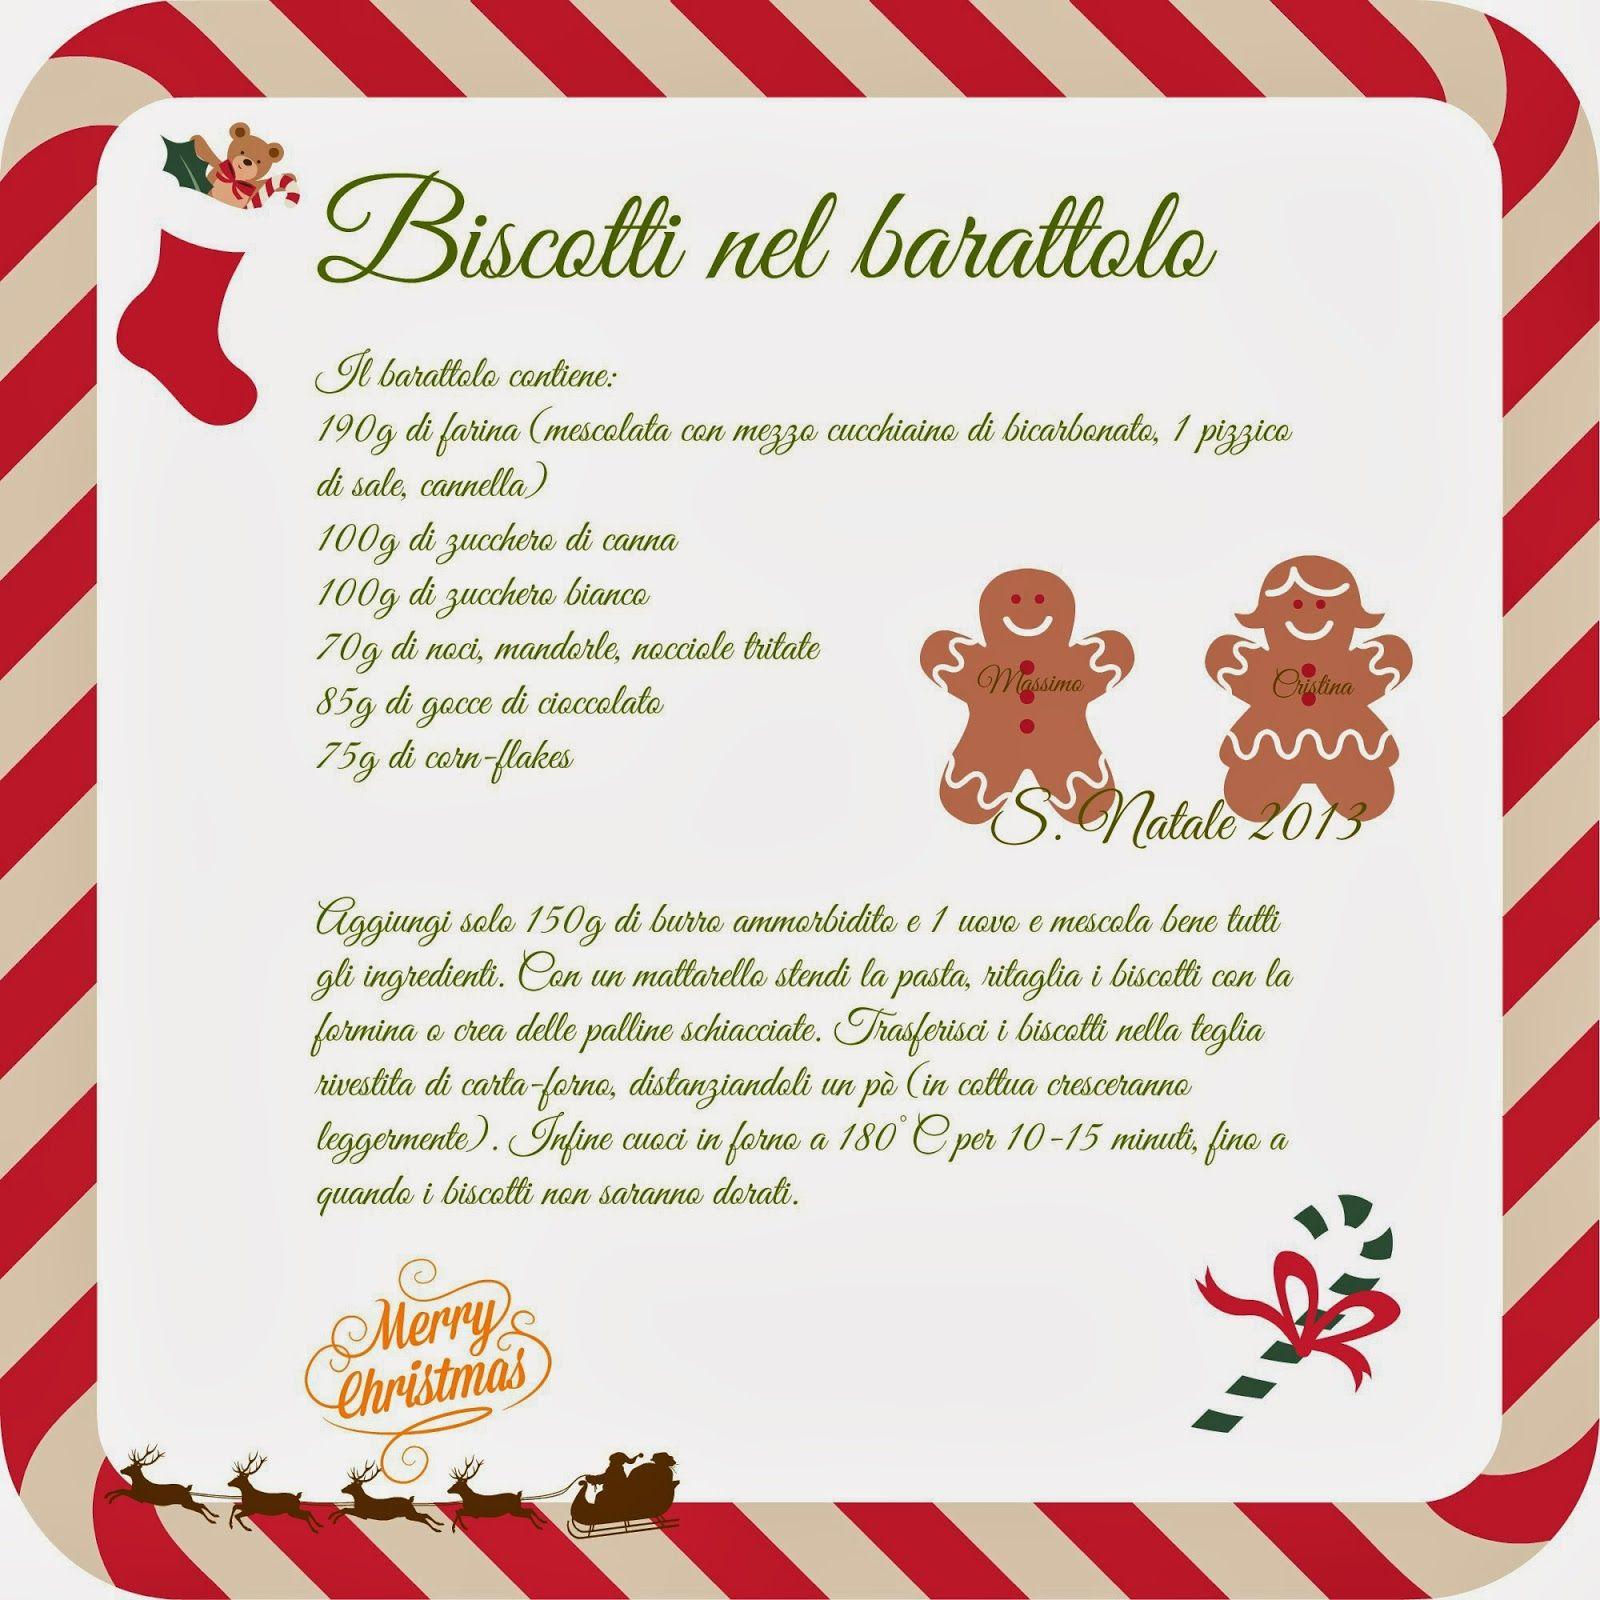 barattoli con ingredienti biscotti - Cerca con Google